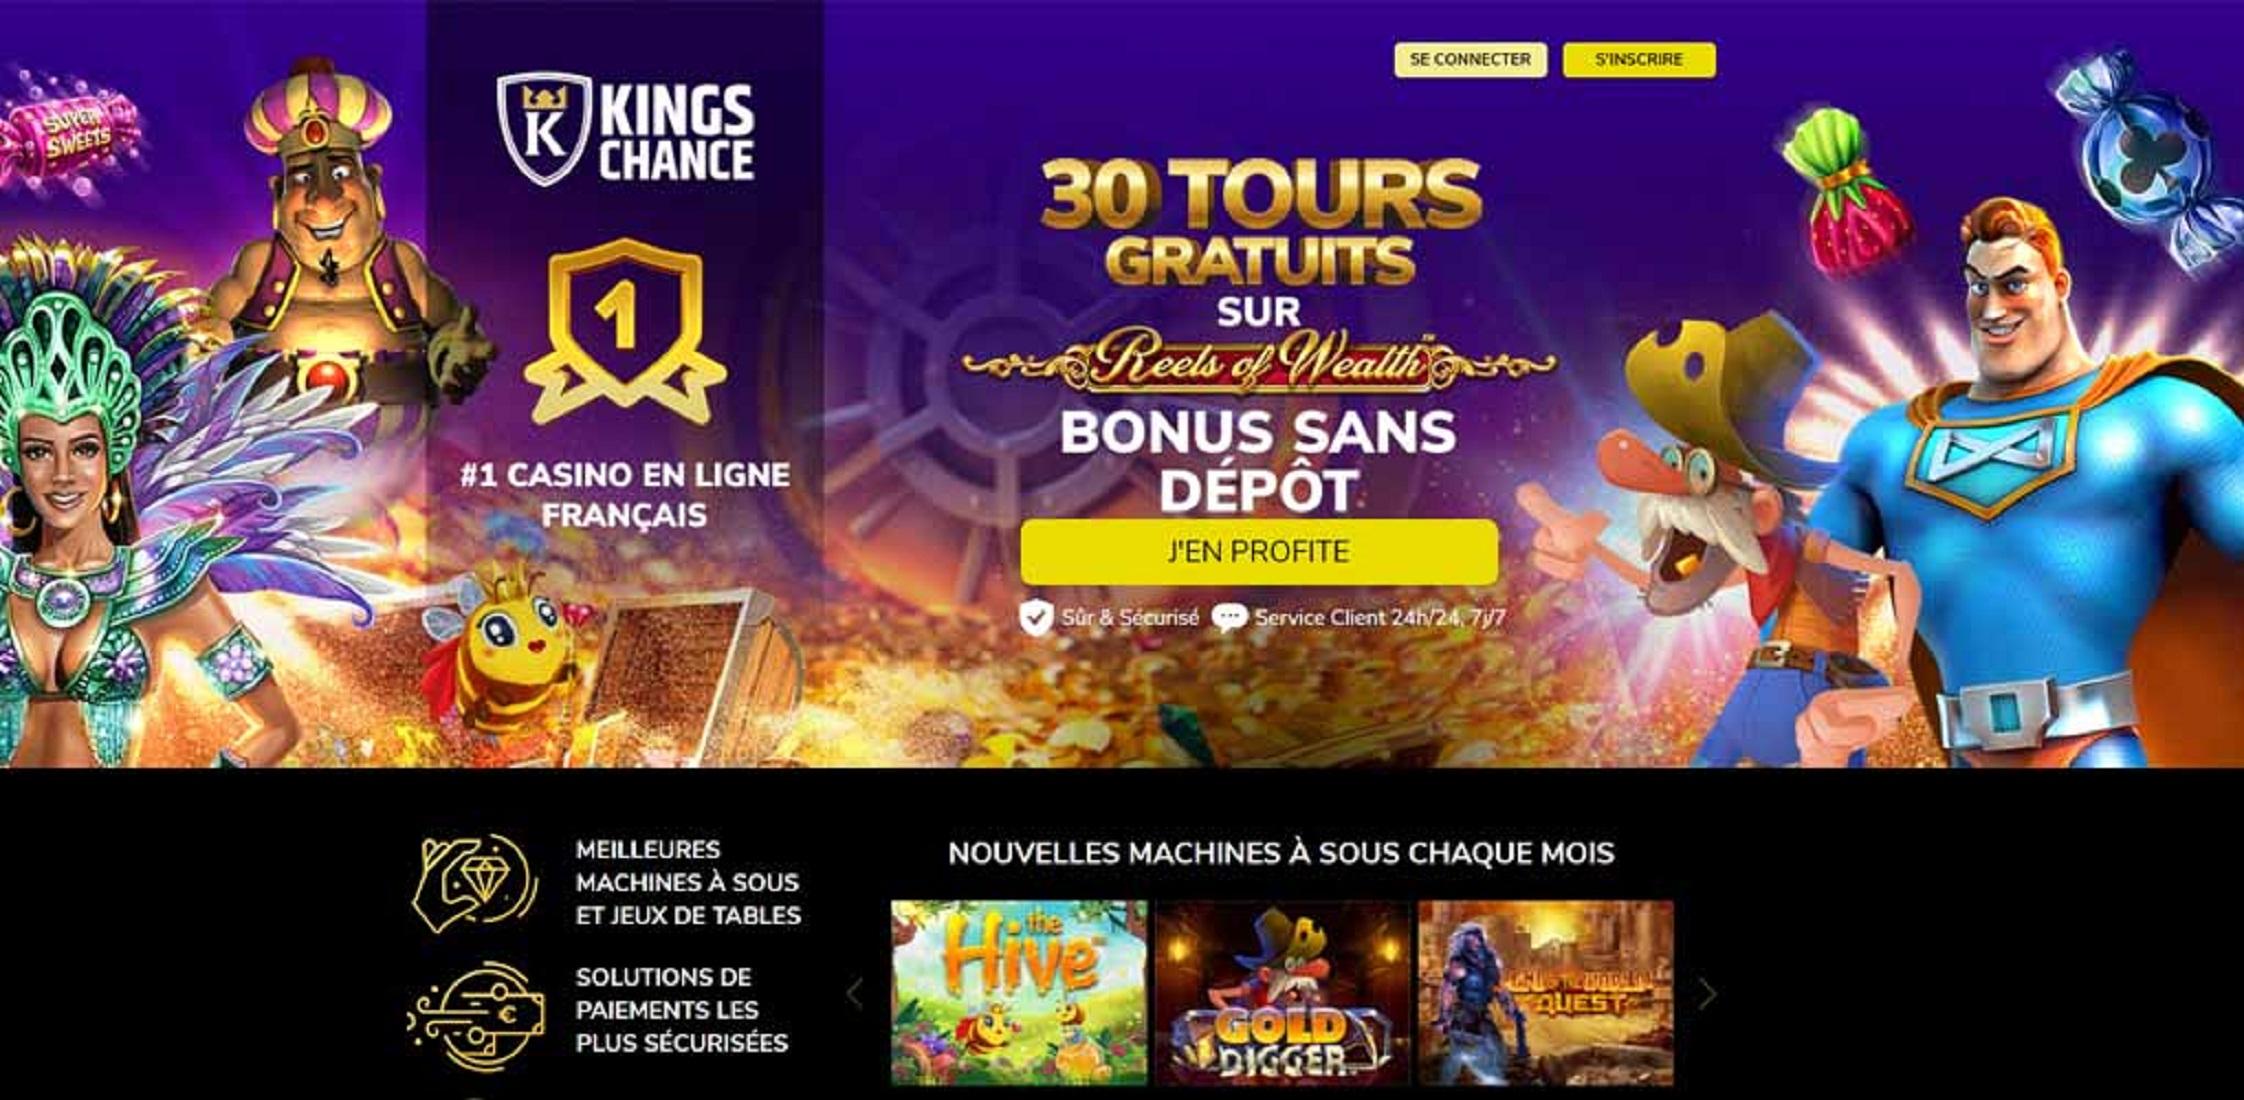 bonus et promotions offert par le casino kings chance